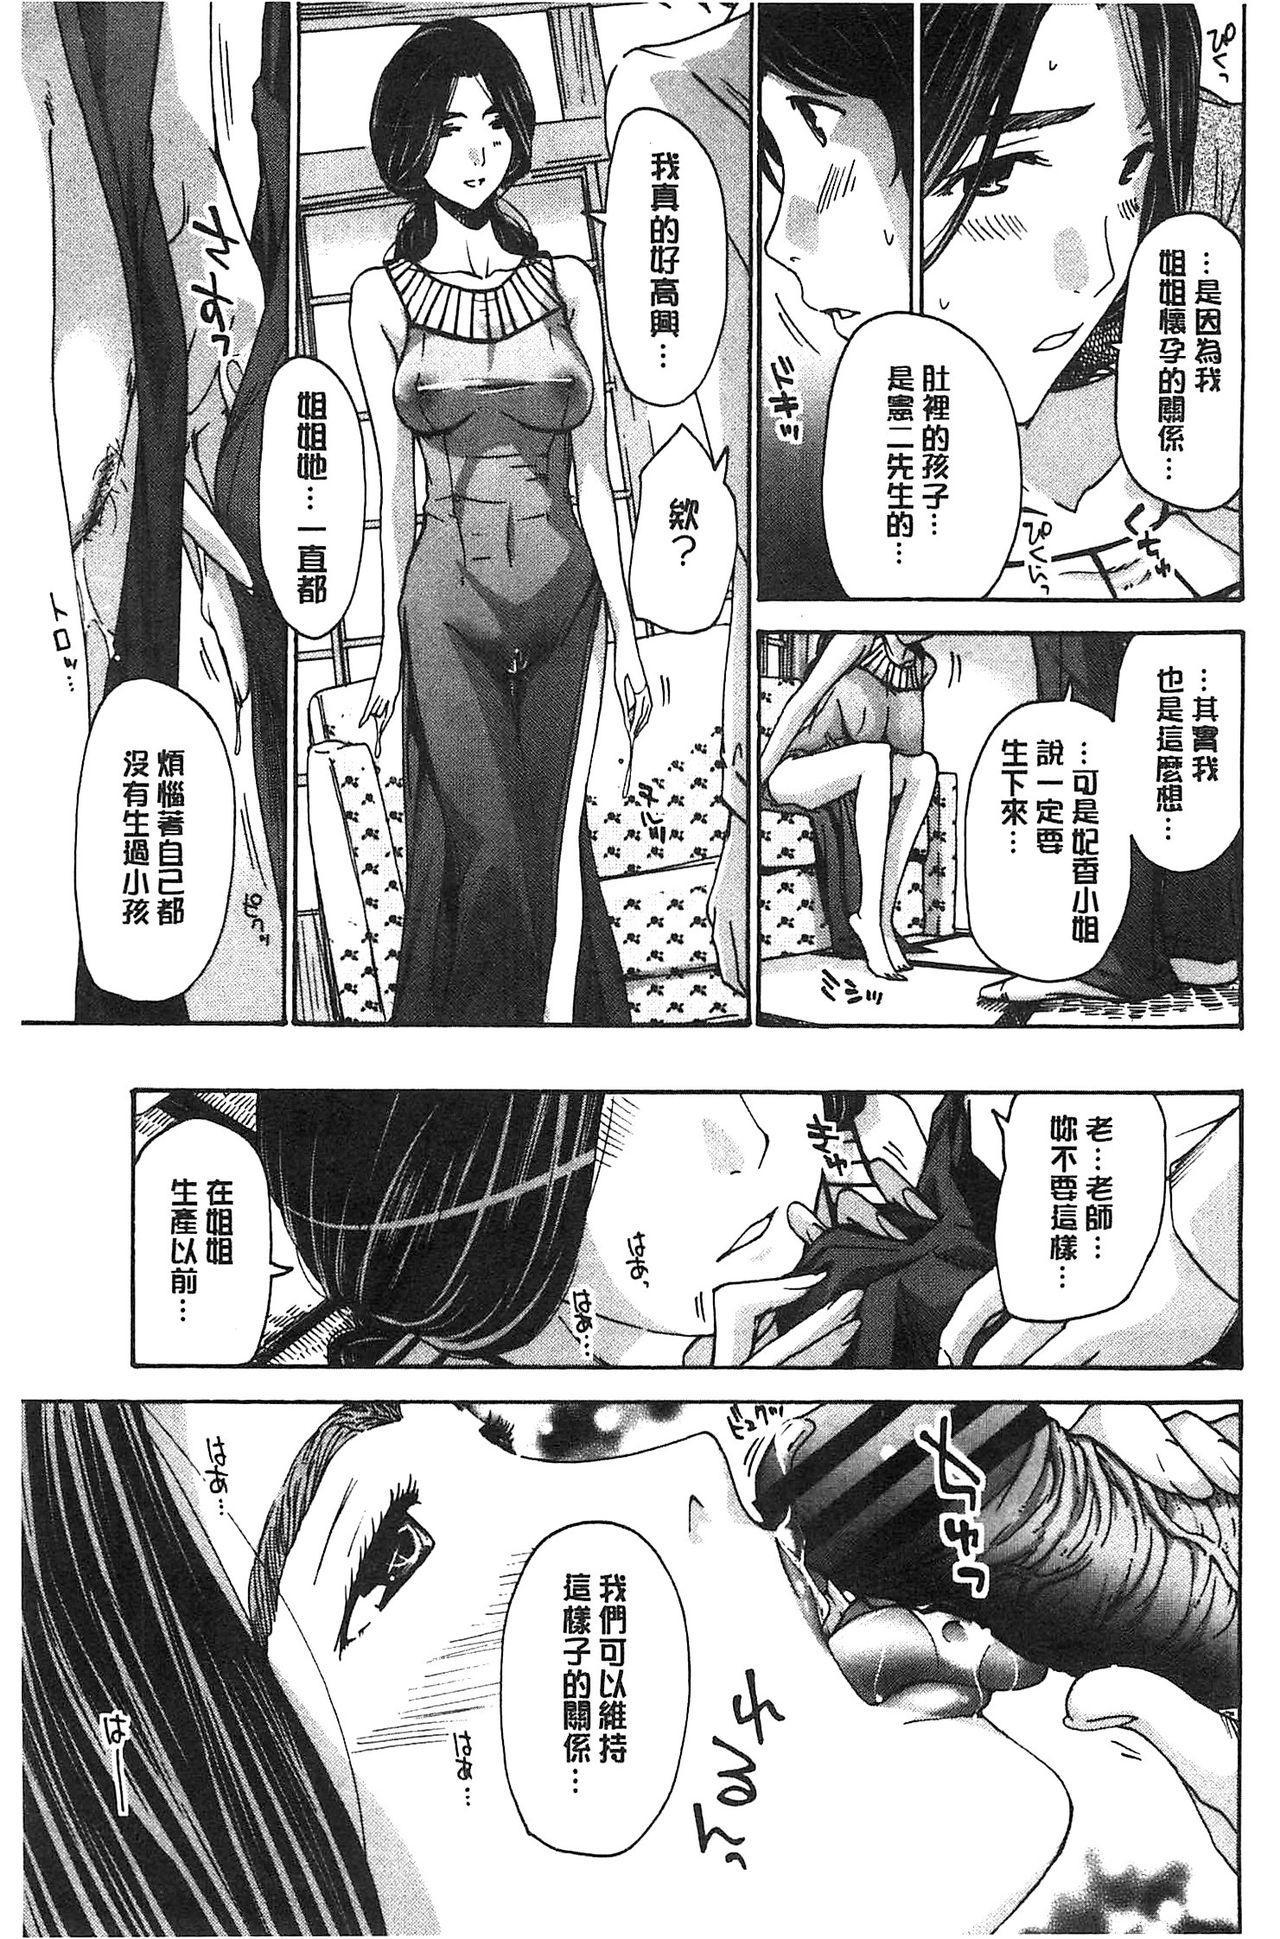 Watashito Iikoto Shiyo? 121